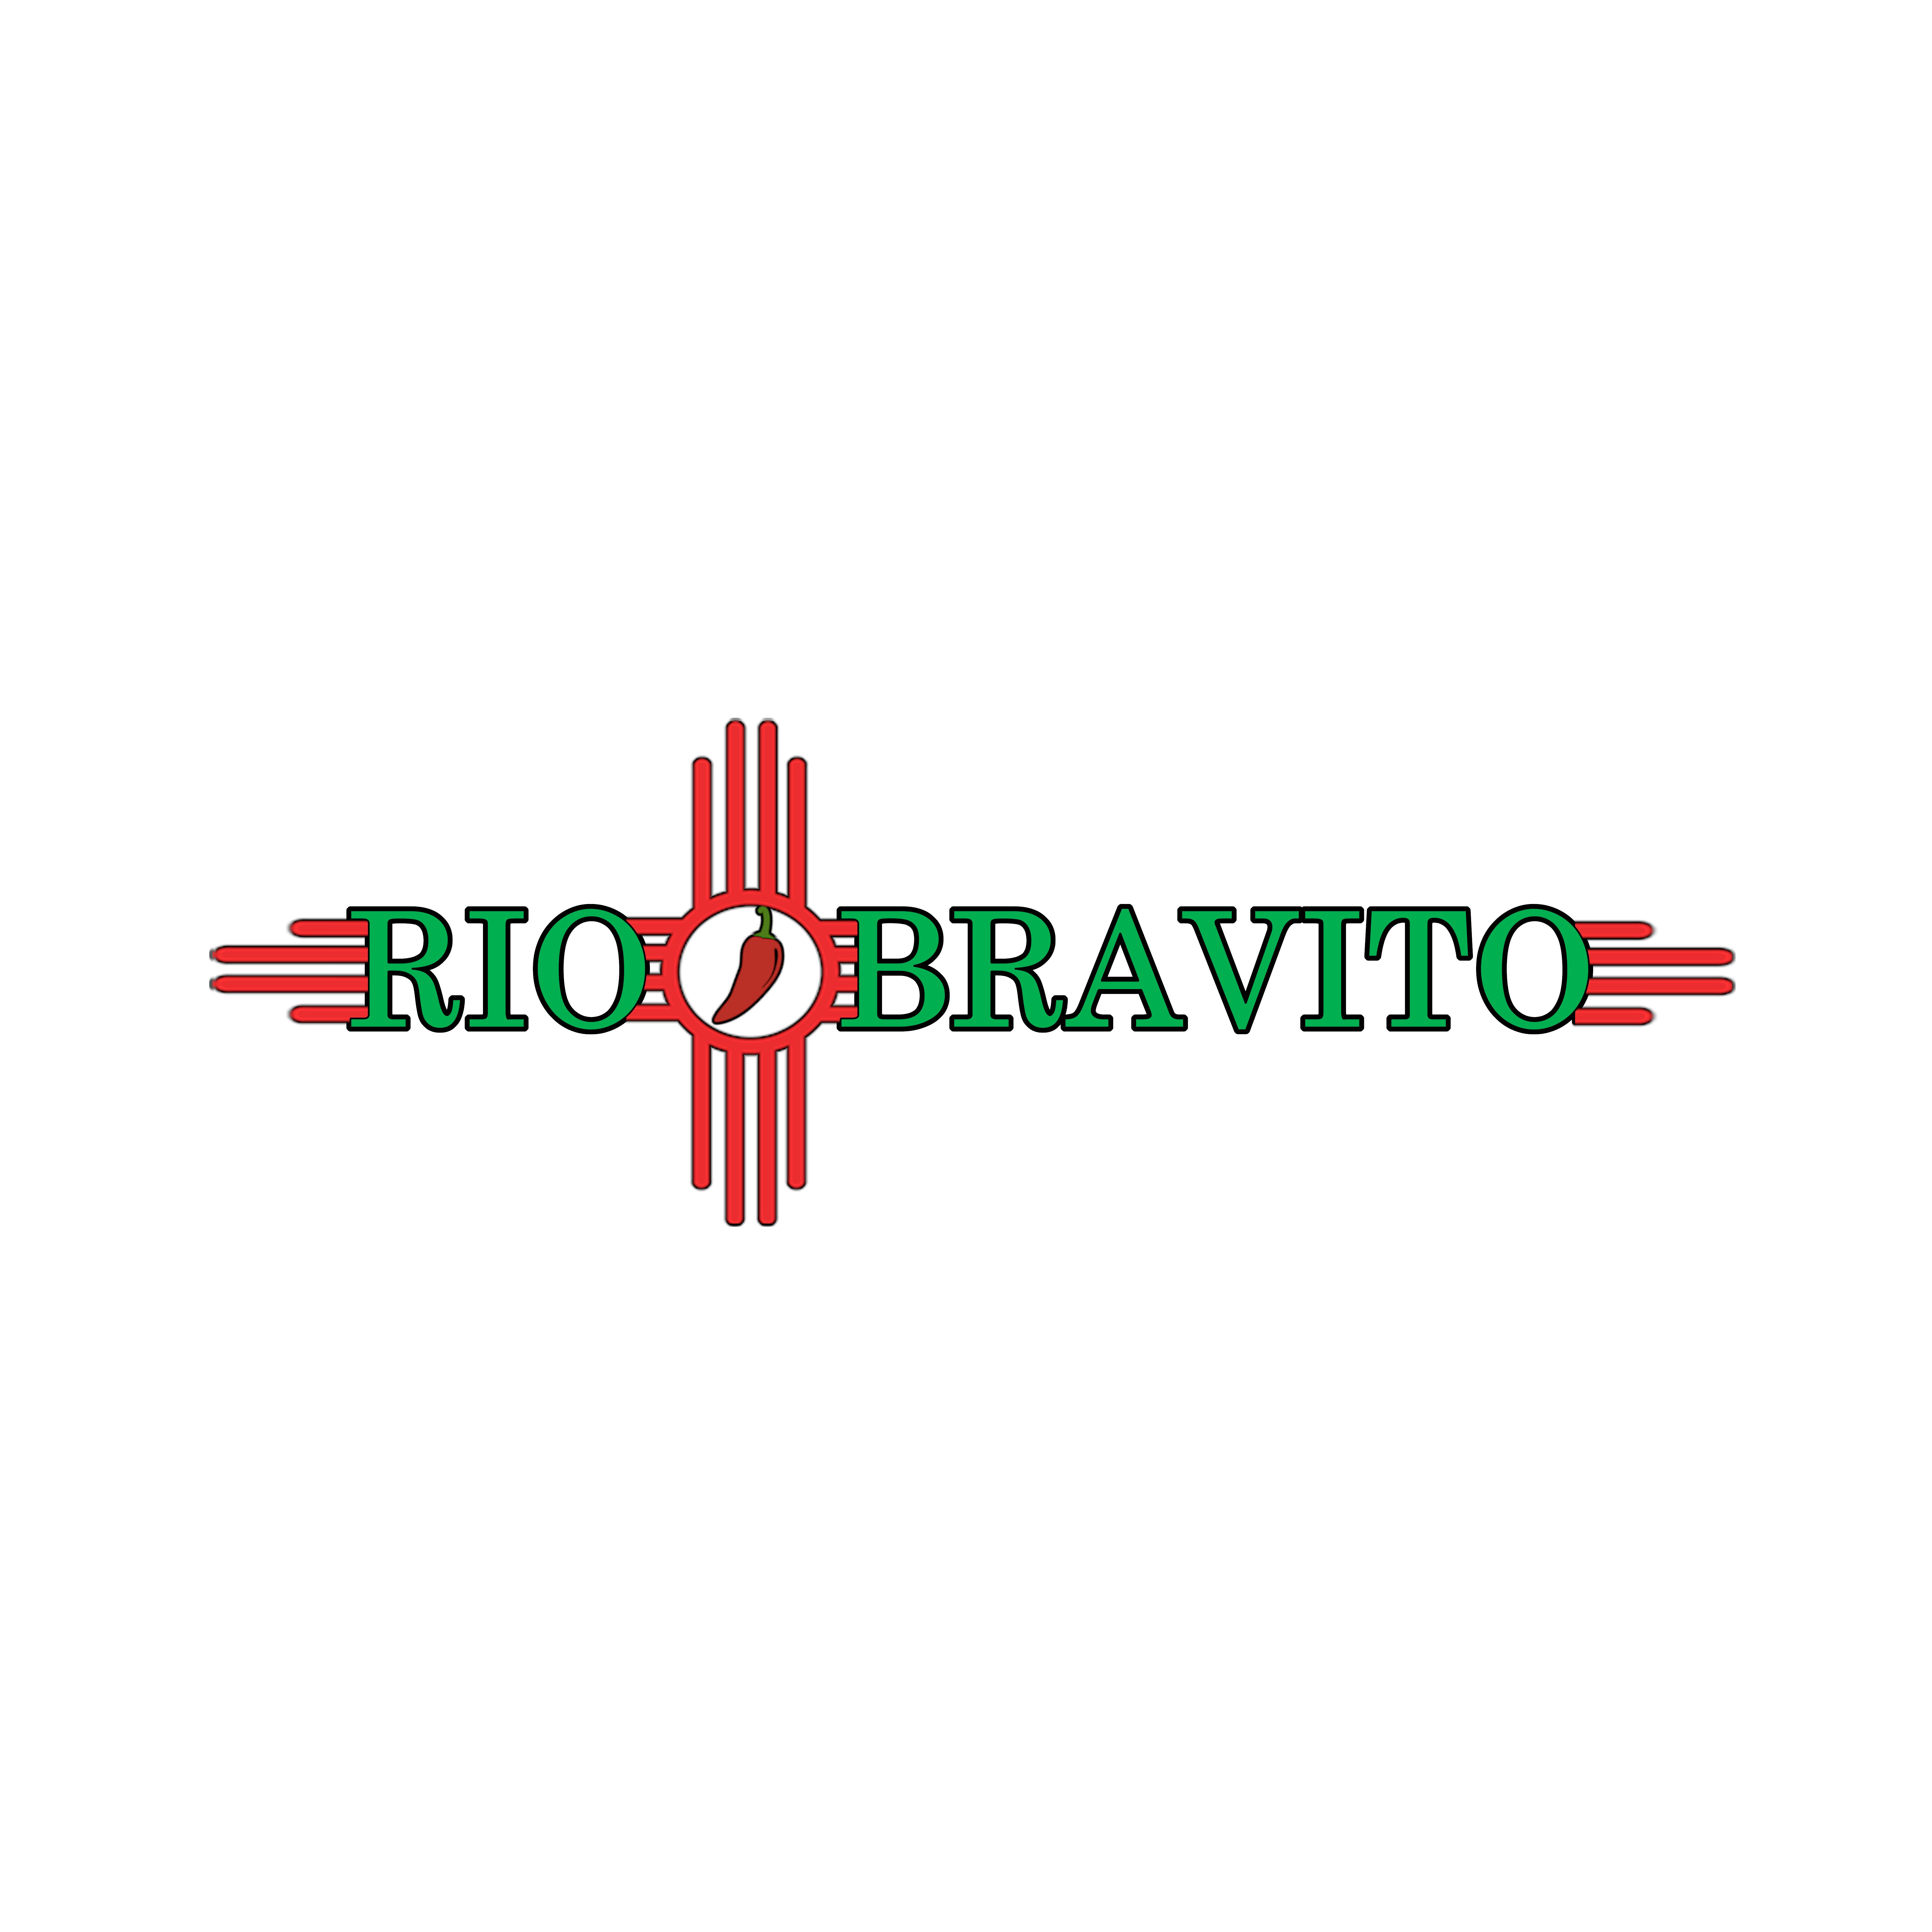 Rio Bravito